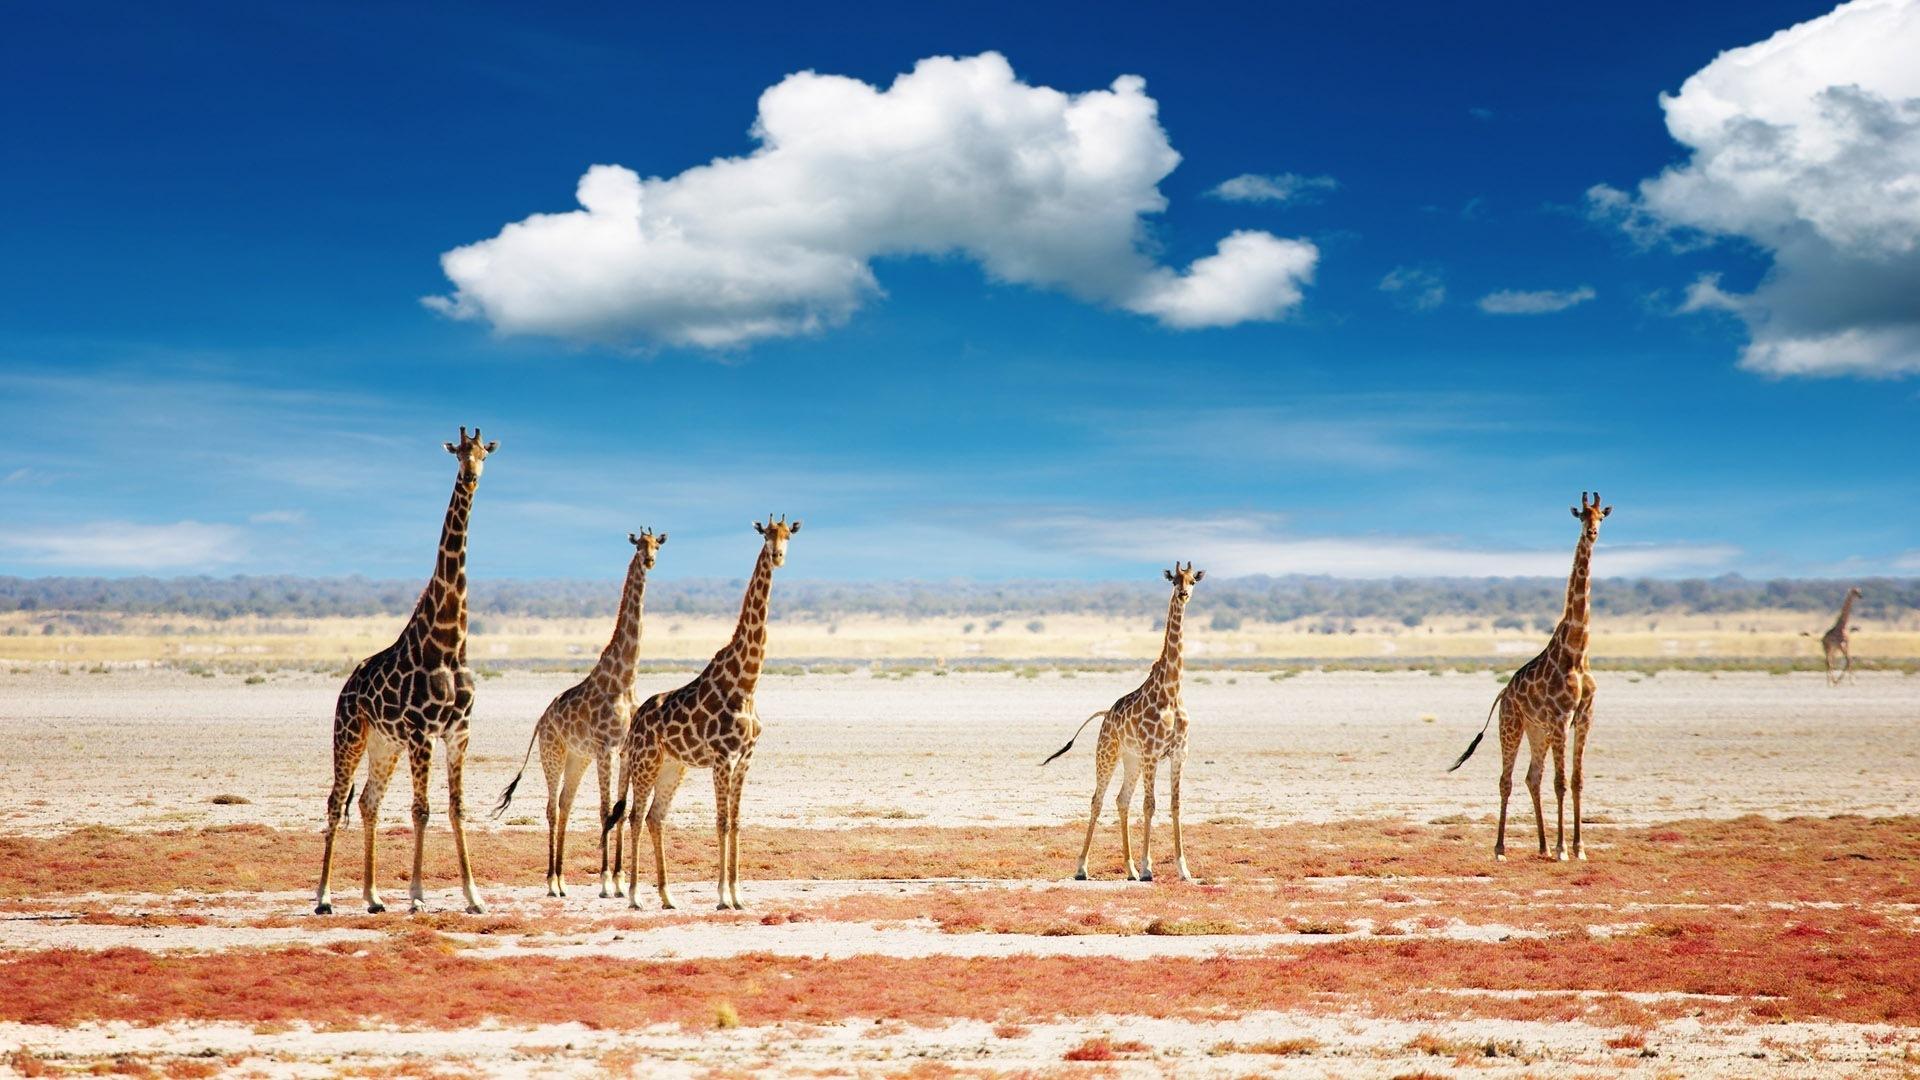 giraffe wallpaper for laptop